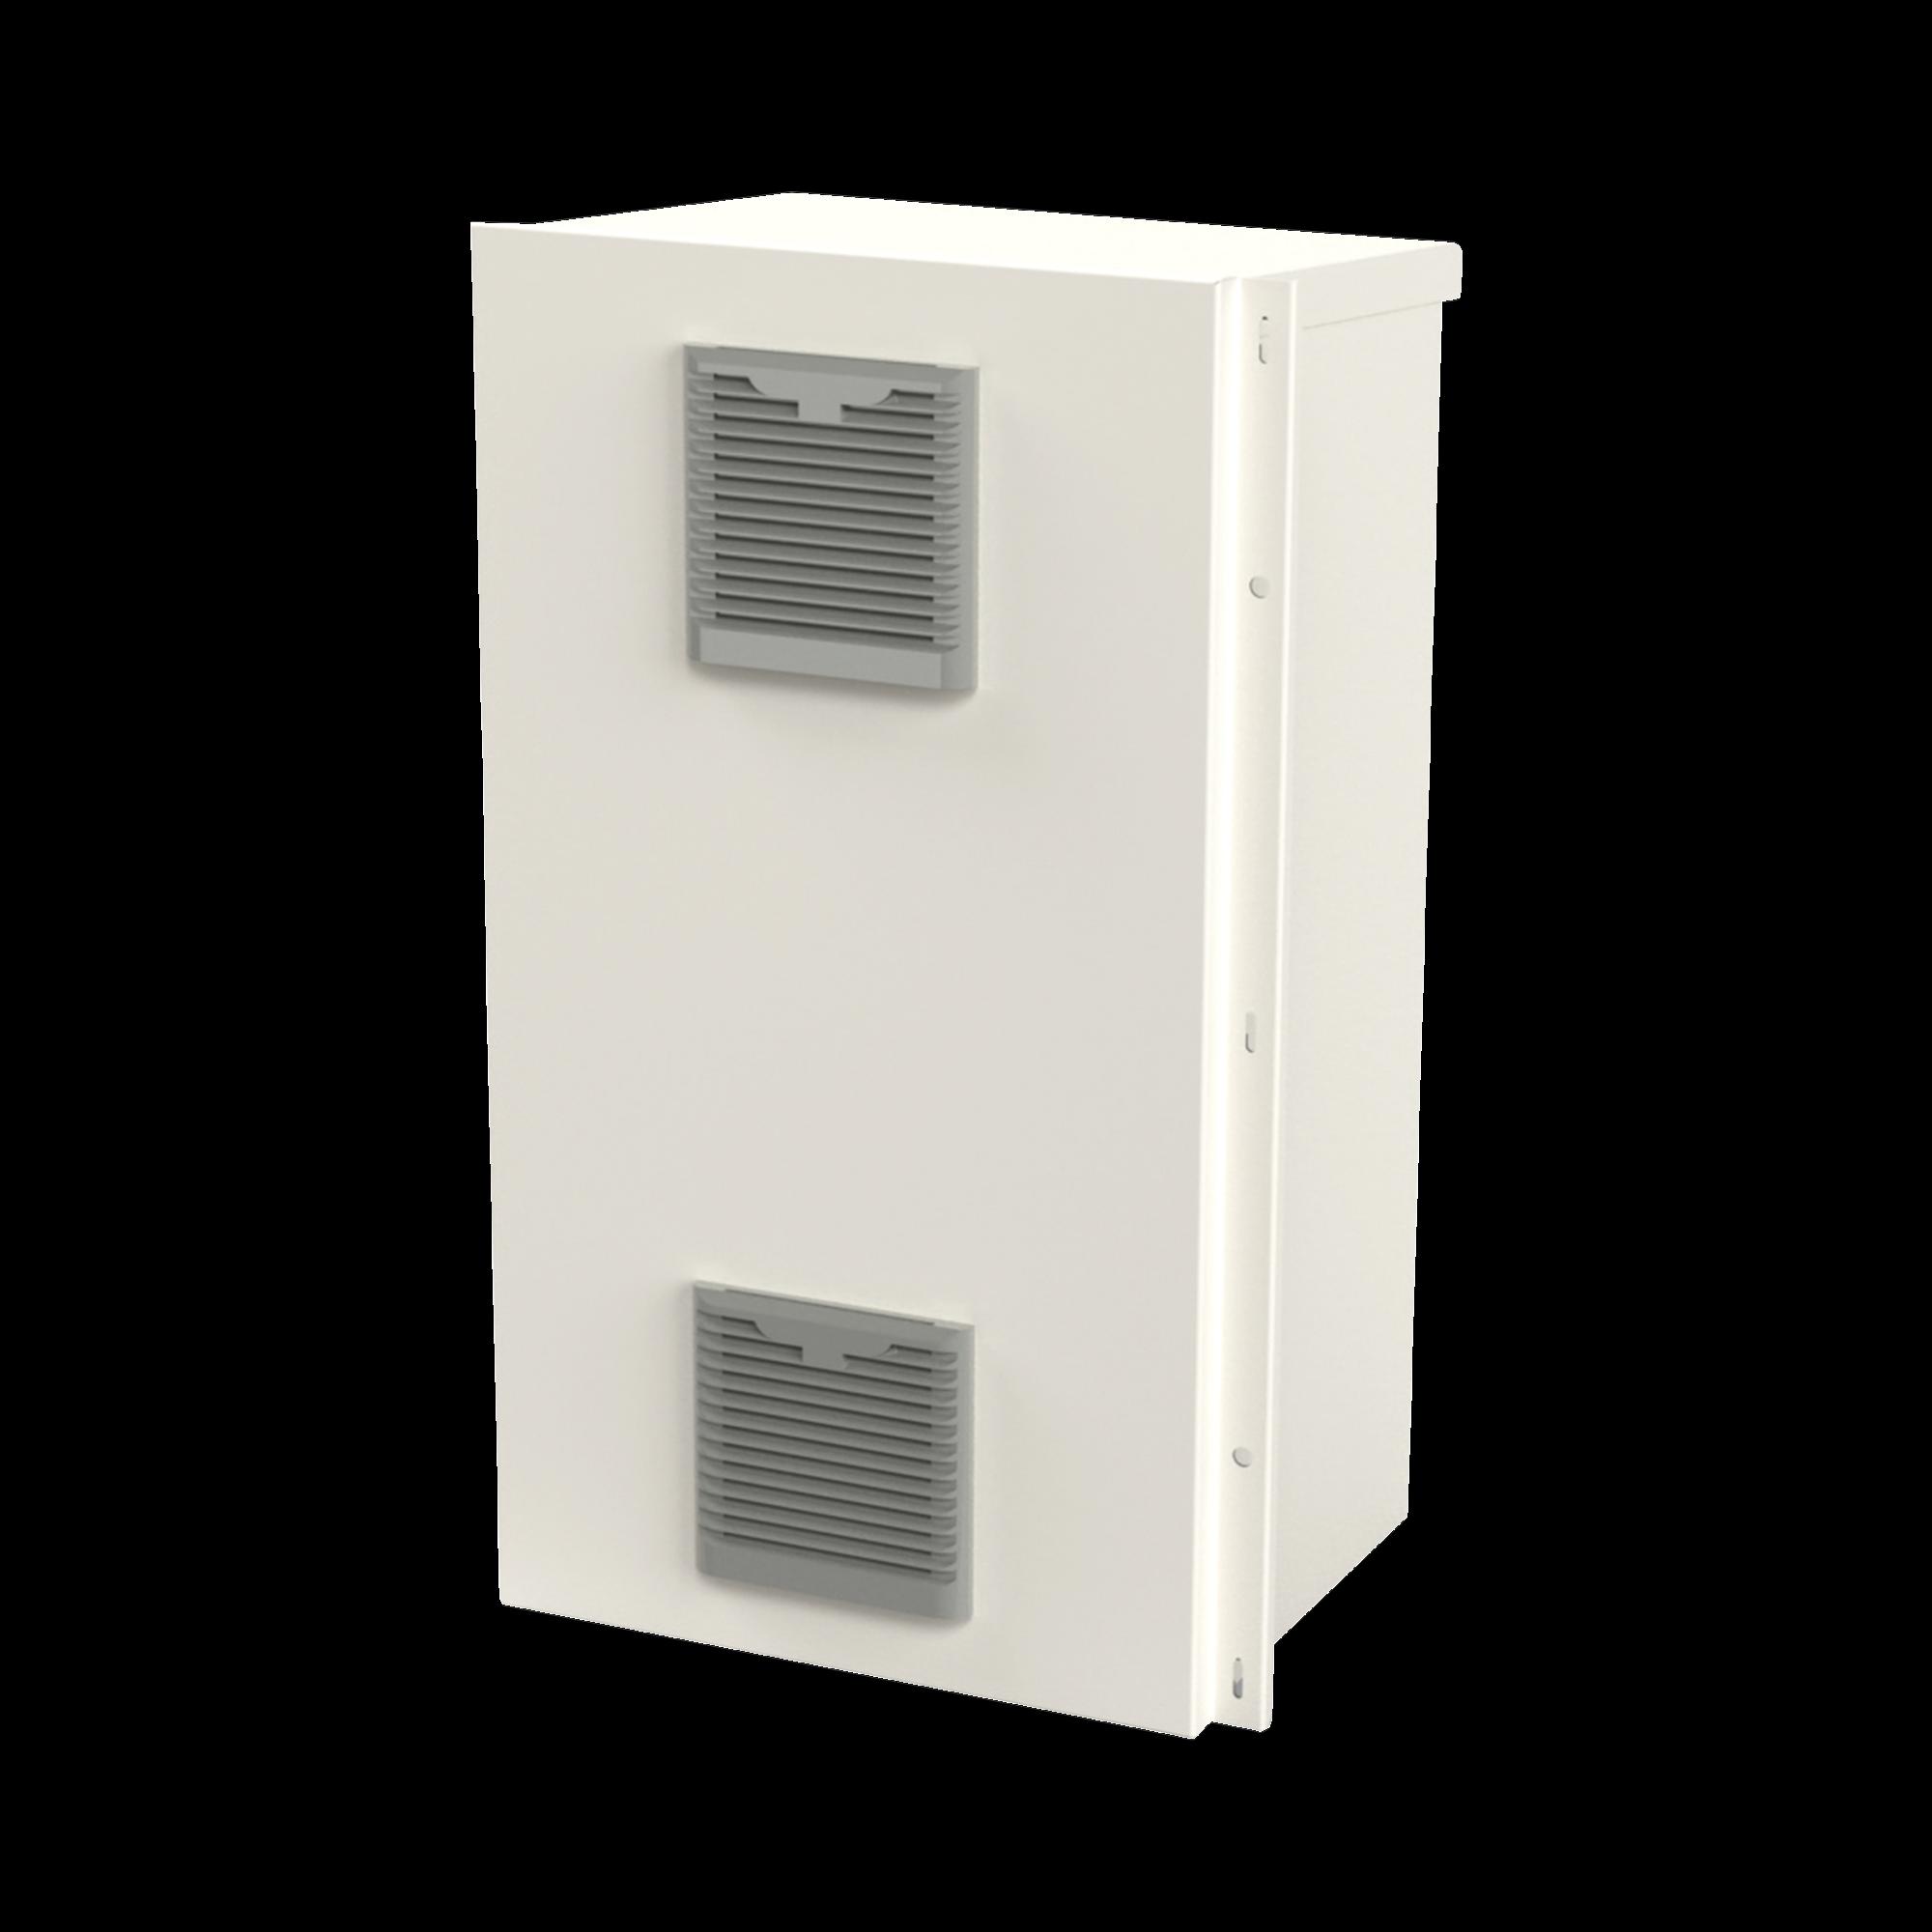 Gabinete Acero Galv. para 2 Baterías PL110D12  (400 x 730 x 300mm). Puerta Ventilada. Acc. para piso o poste No incluidos.